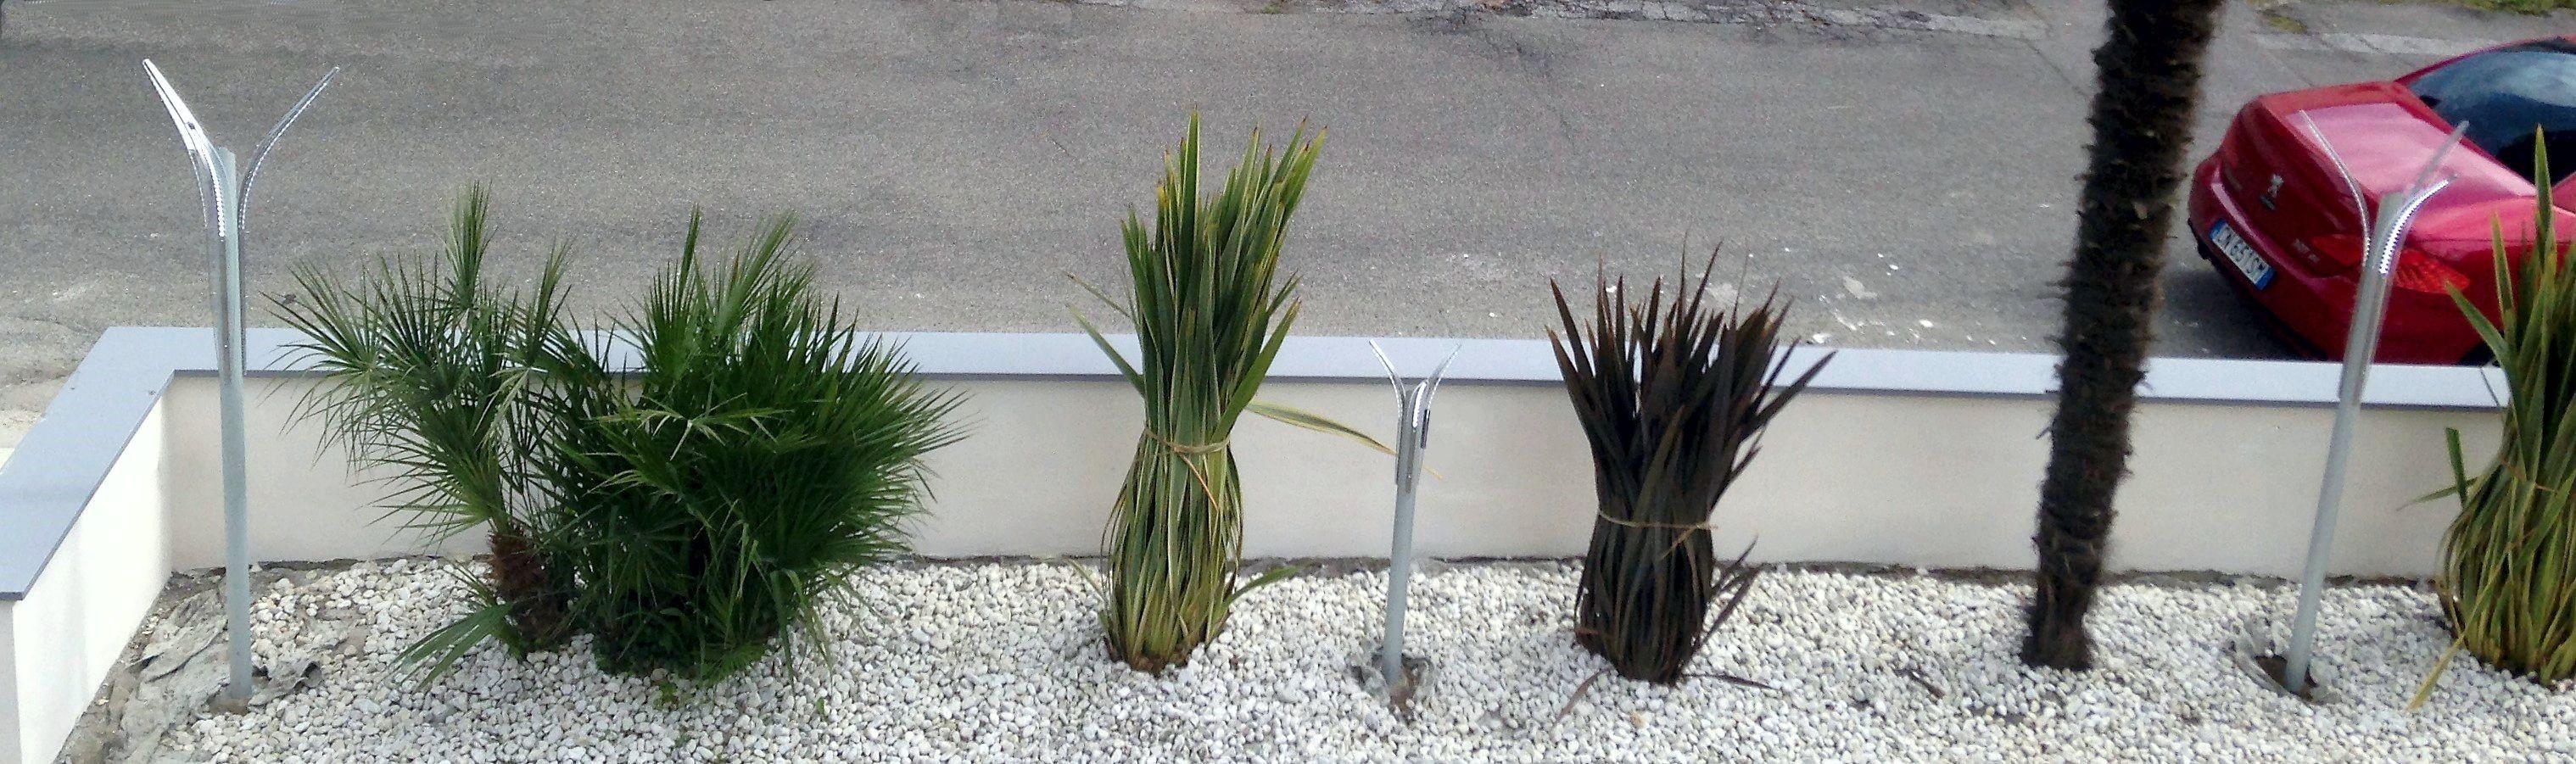 Illuminazione esterna design prezzi illuminazione giardino - Illuminazione da giardino prezzi ...